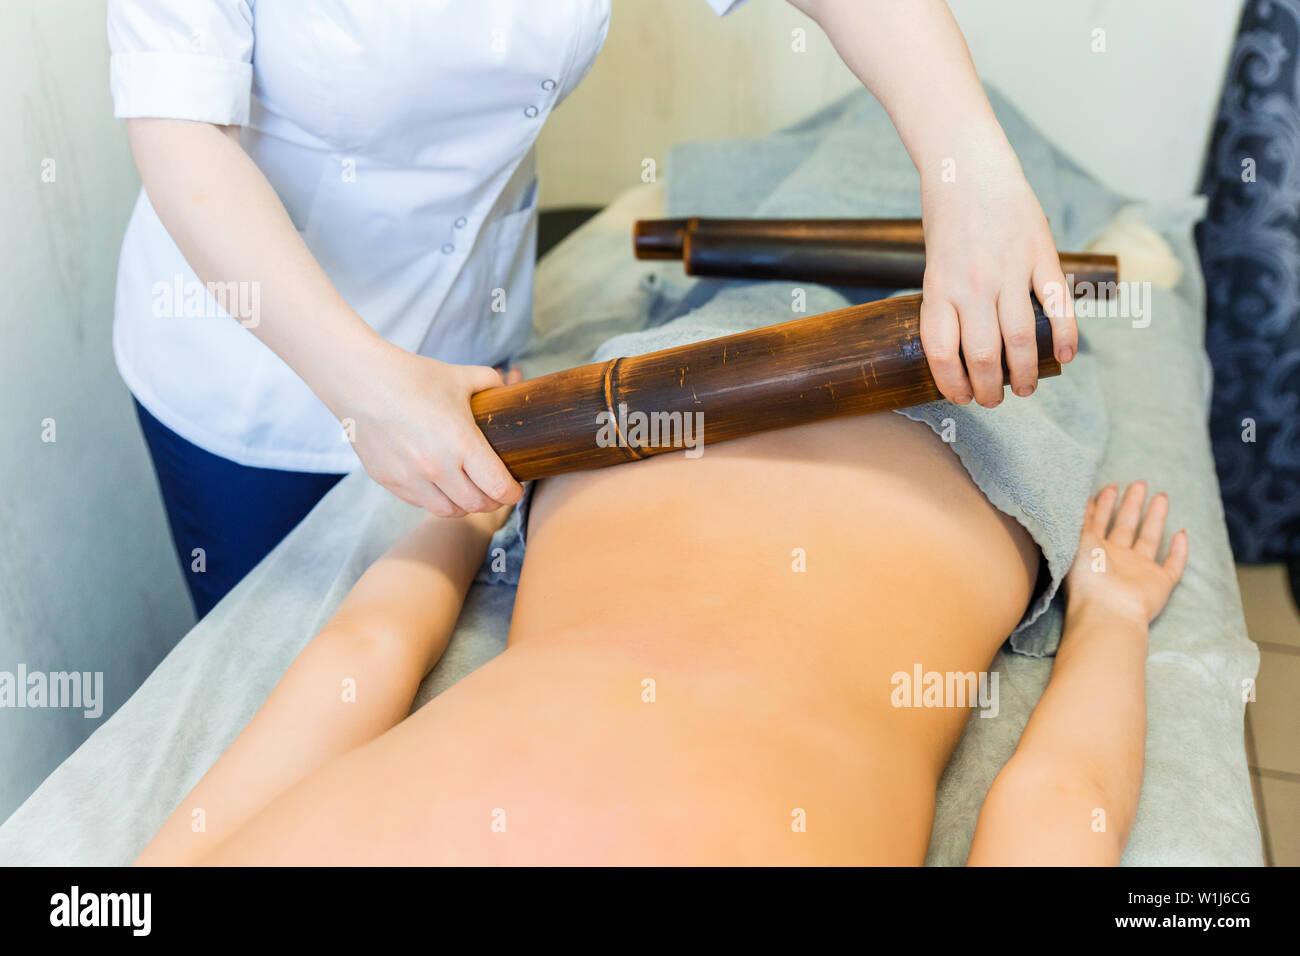 Back massage with bamboo sticks. Bamboo massage sticks. - Stock Image